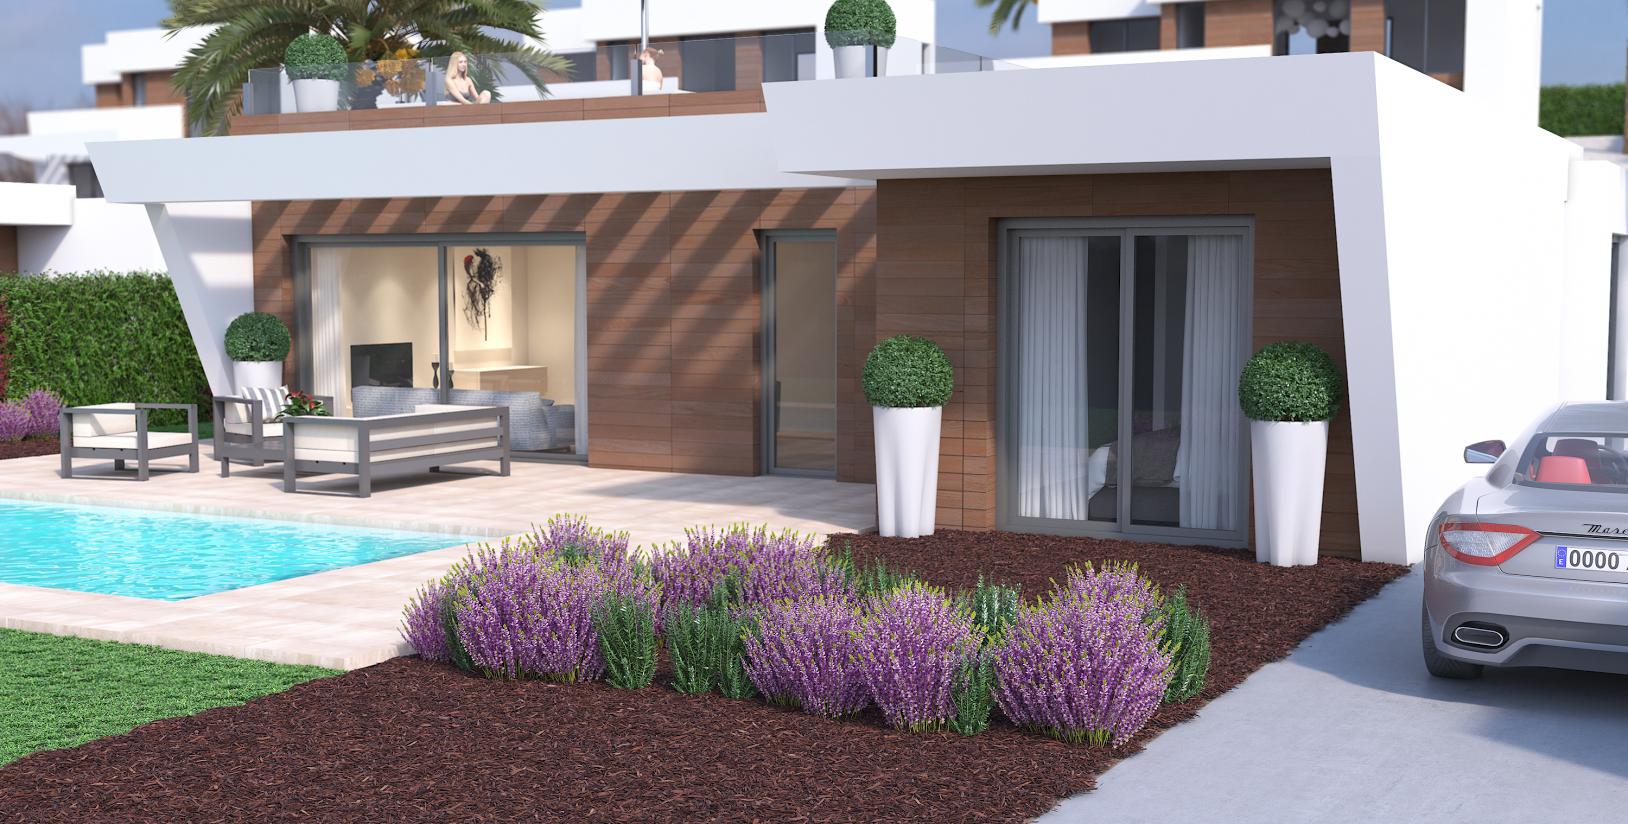 3 bed Villa in Finestrat image 4